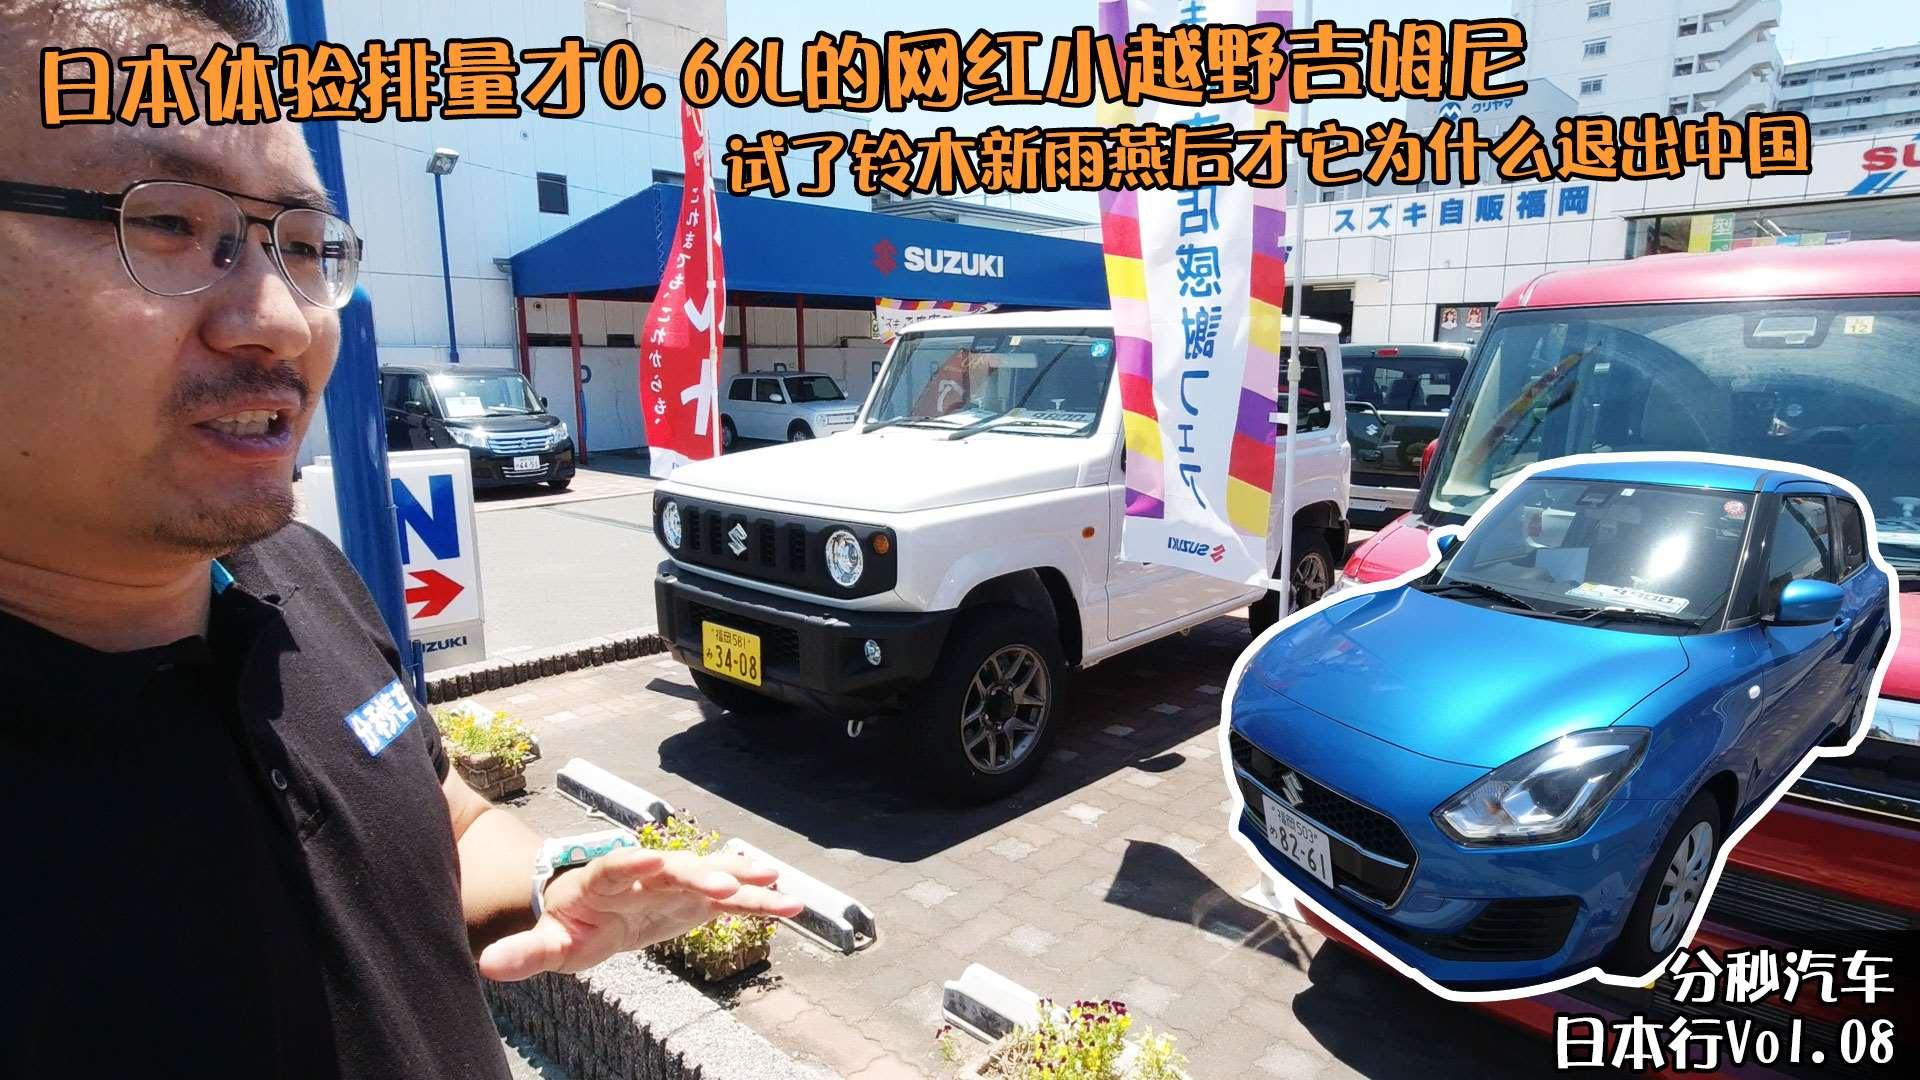 小型车在中国越来越惨?日本试吉姆尼和新雨燕找原因